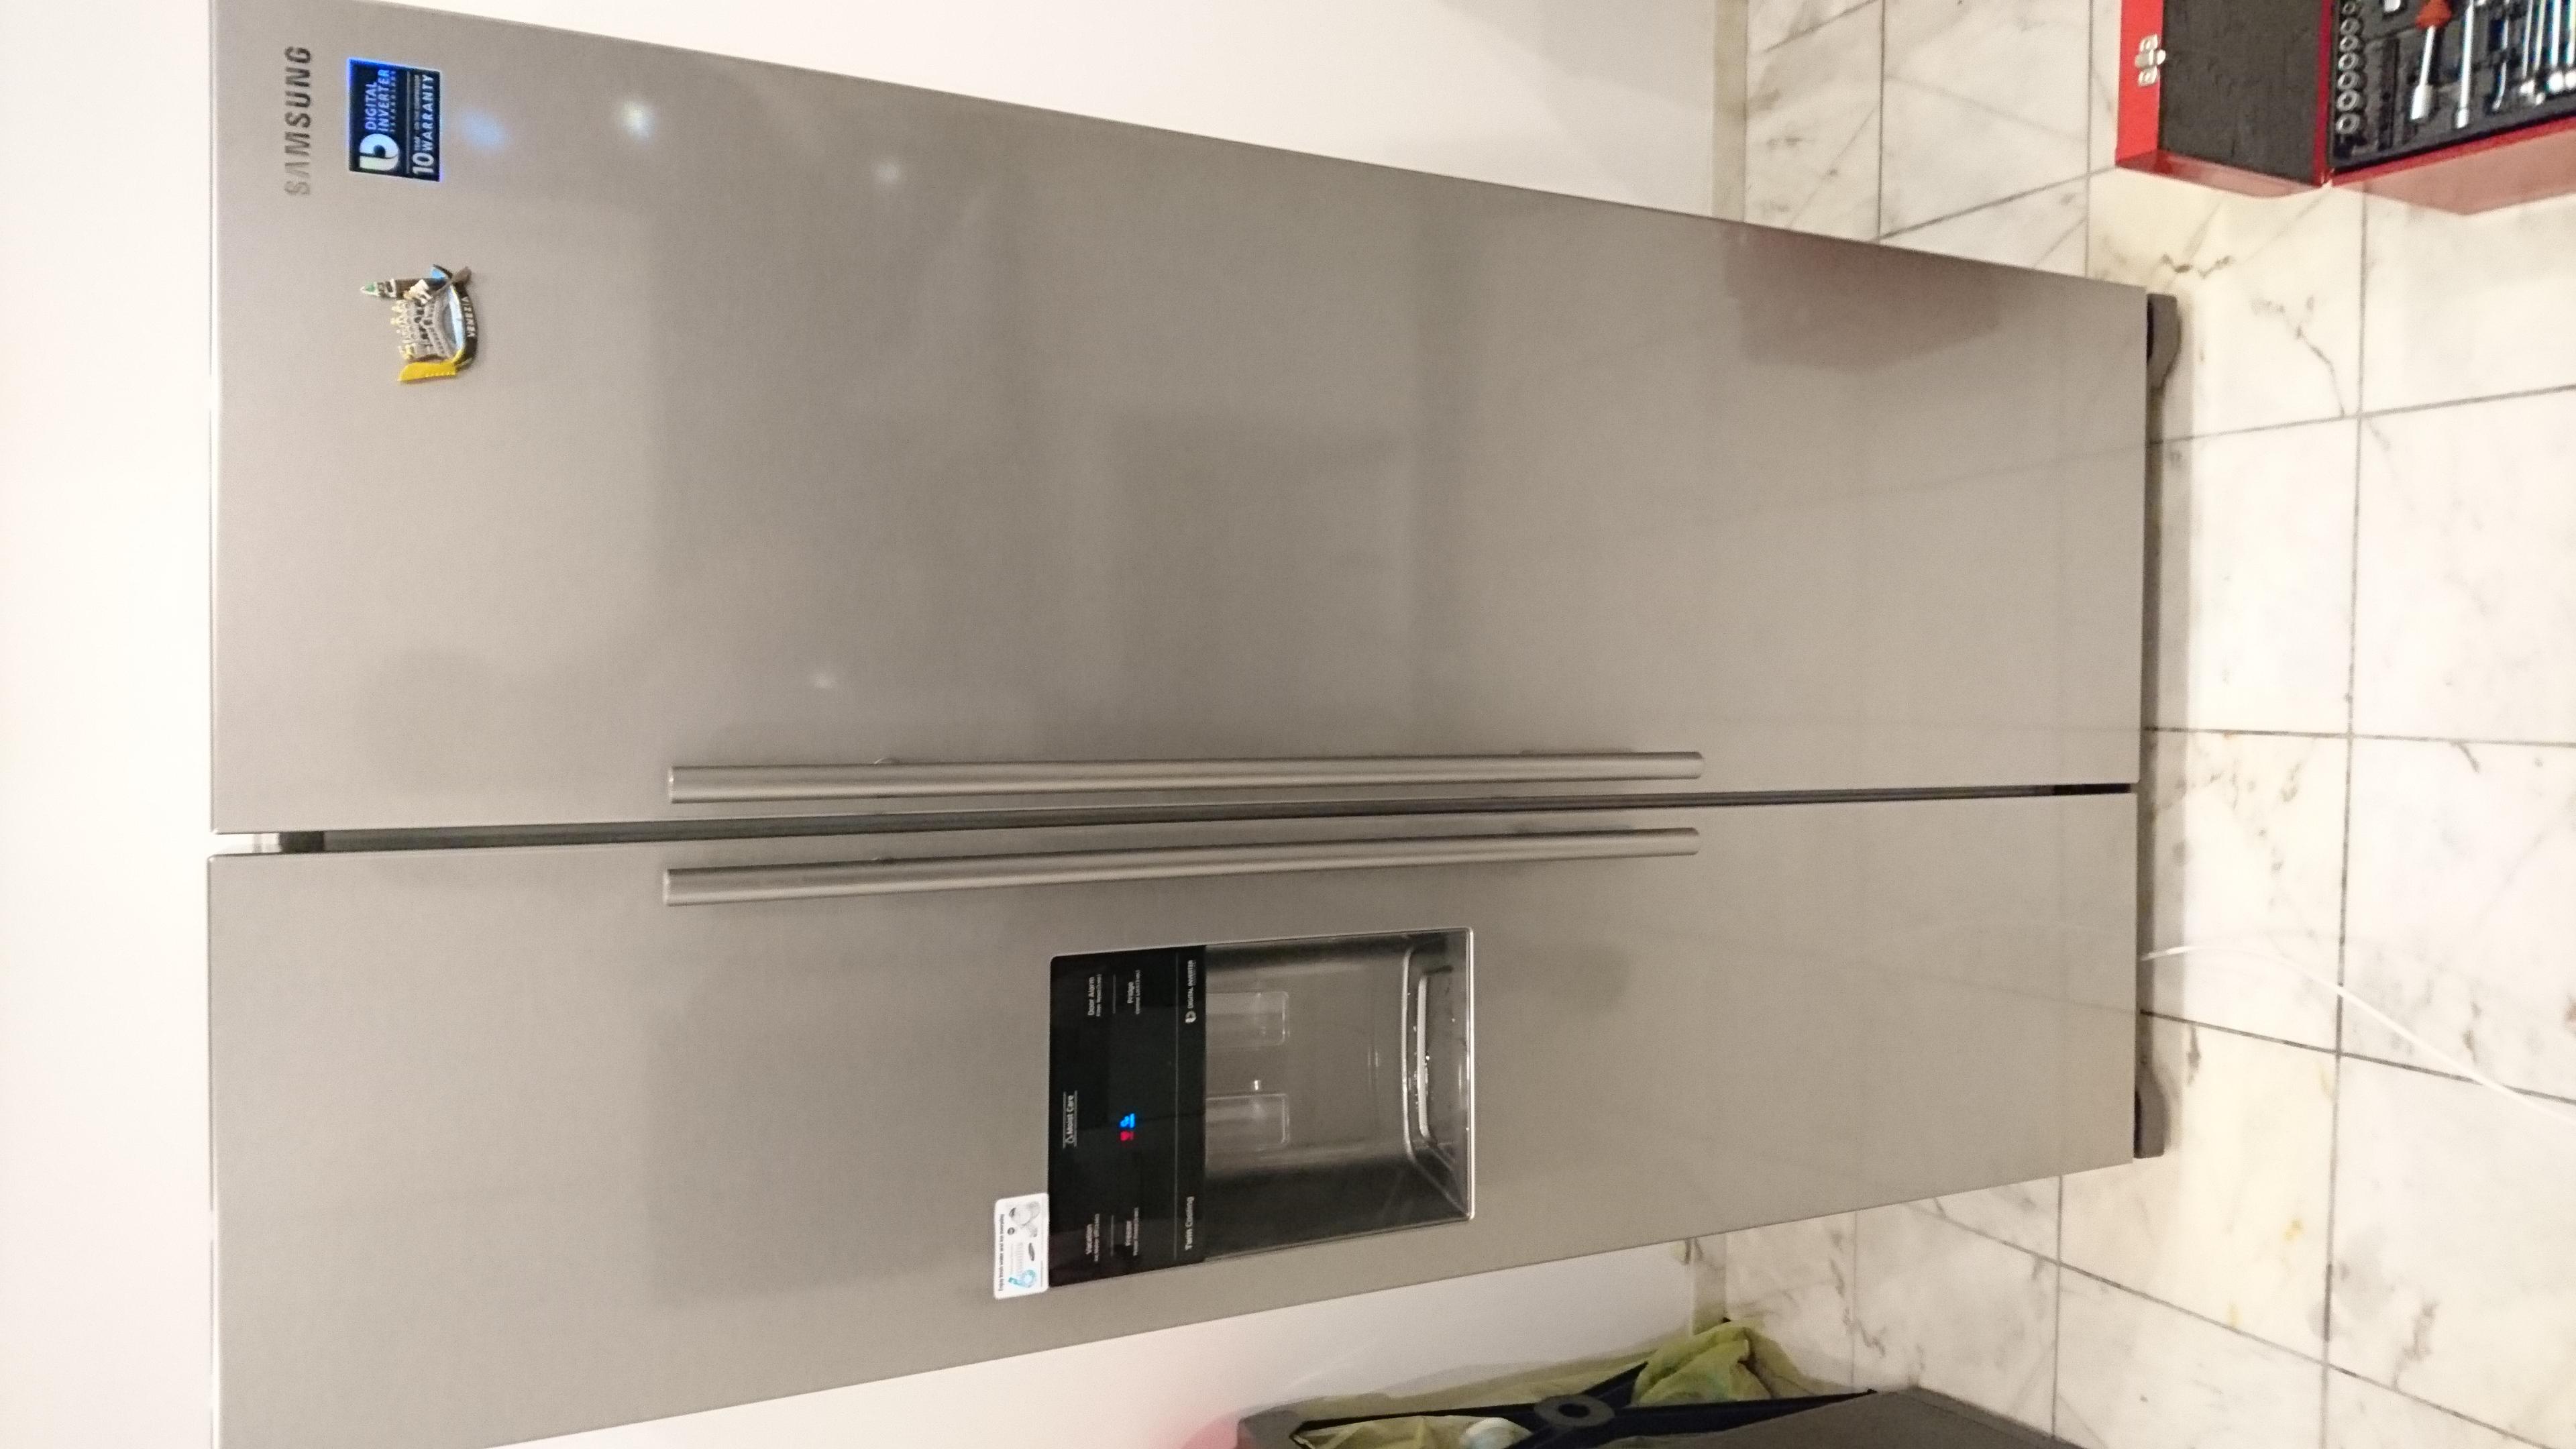 Lg Side By Side Kühlschrank Zieht Kein Wasser : Es fließt kein kaltes wasser aus dem wasserhahn warum? haus haushalt